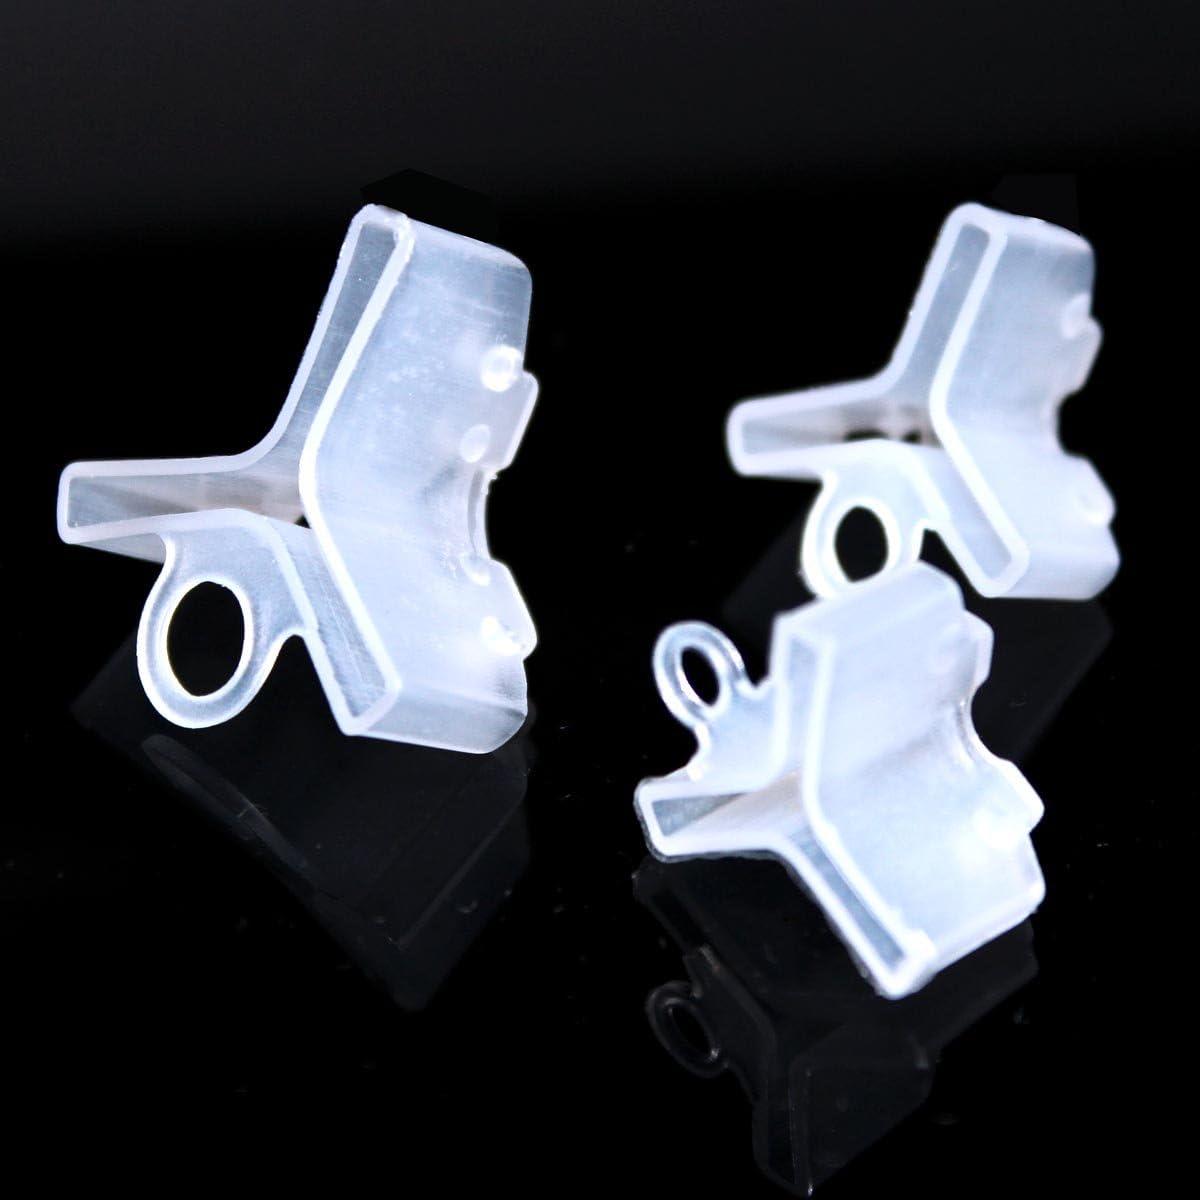 Details about  /Durable Plastic Caps Protector Hooks Covers Case Fishing Treble Hooks Bonnets